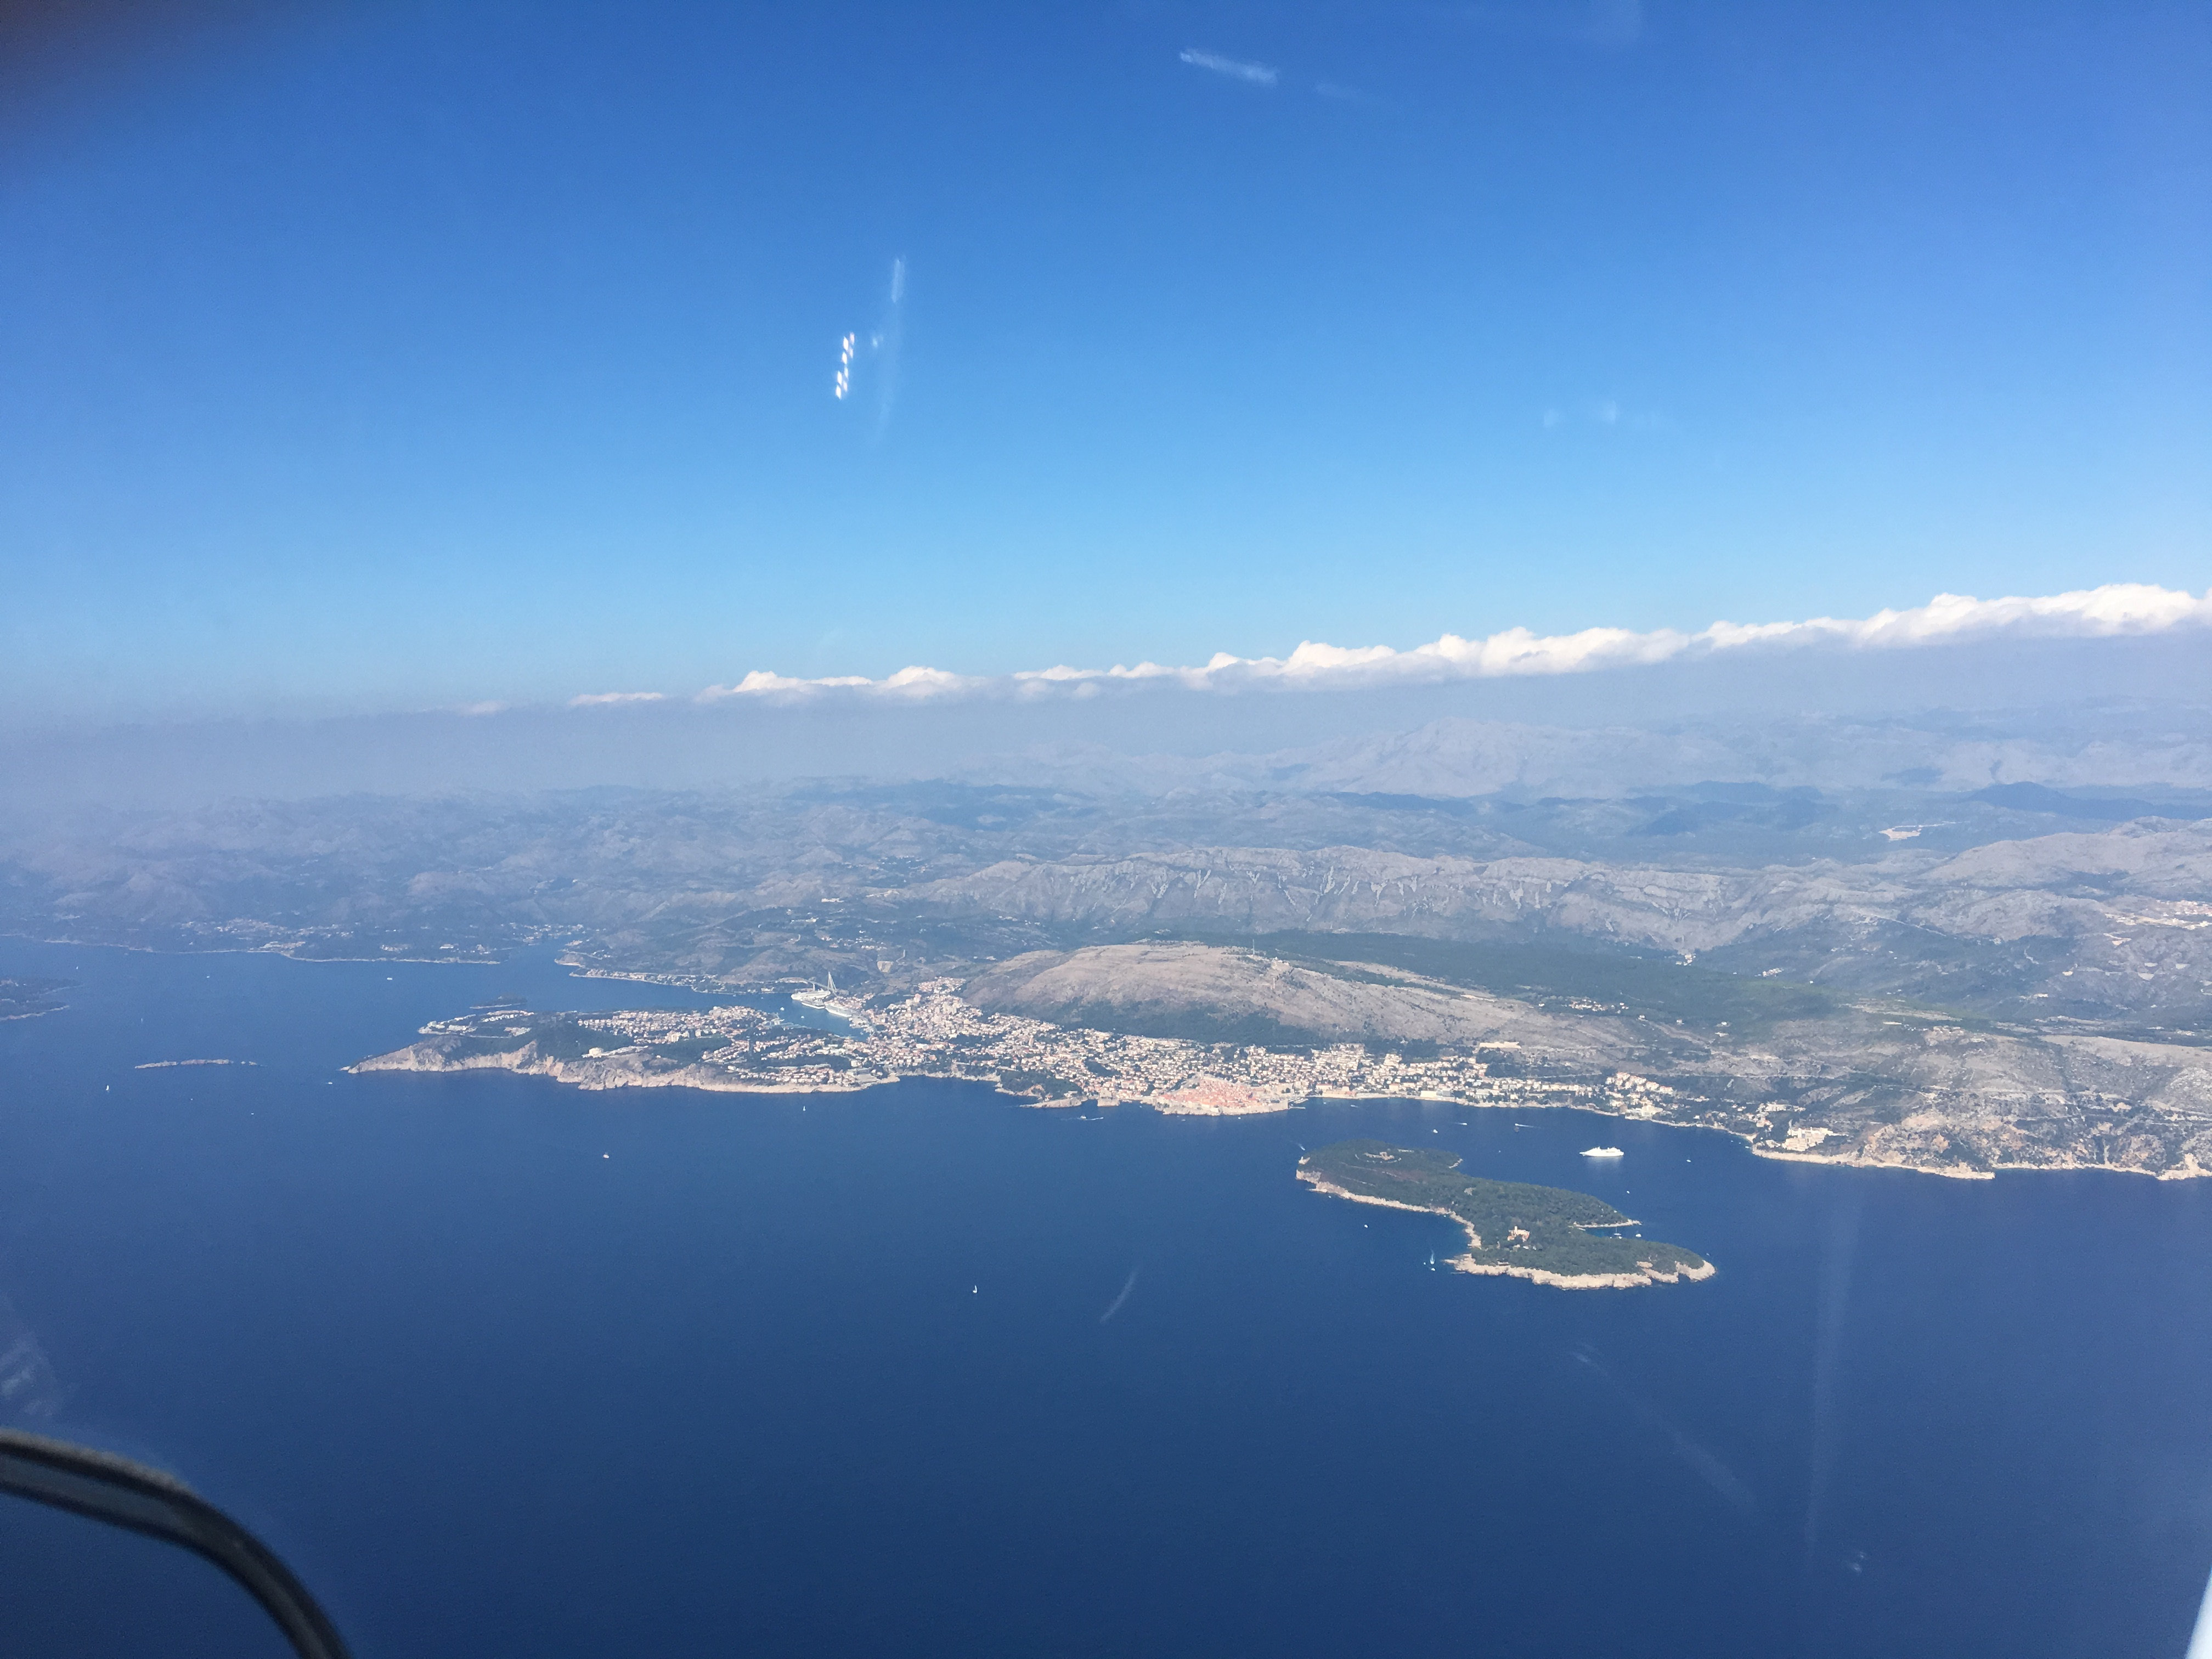 Żegnamy się z pięknym i słonecznym Dubrovnikiem.